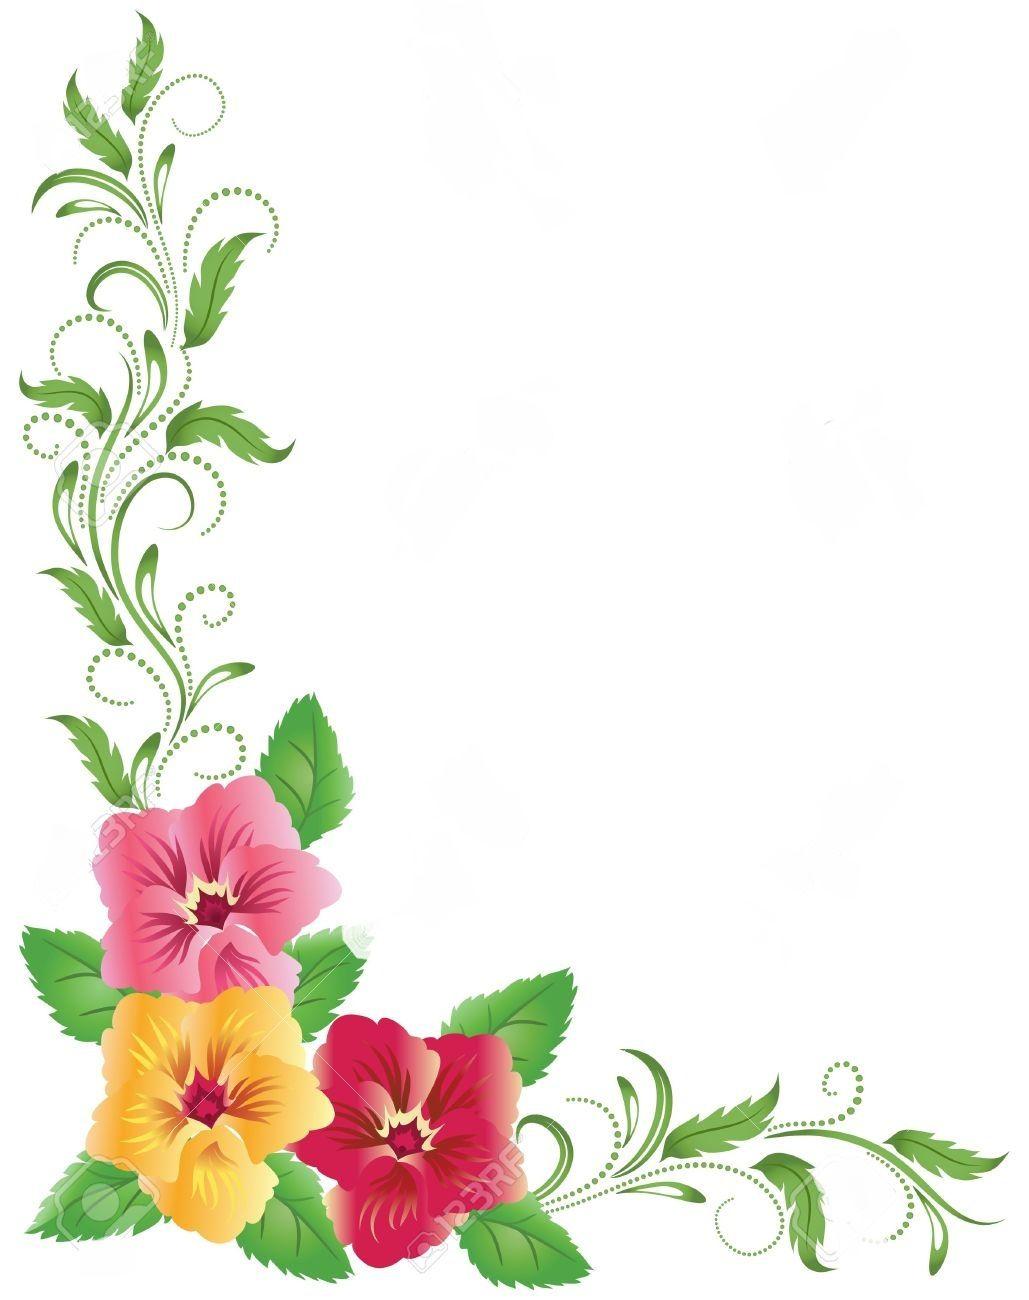 Pin von mou auf Embroidery designs | Pinterest | Briefpapier ...